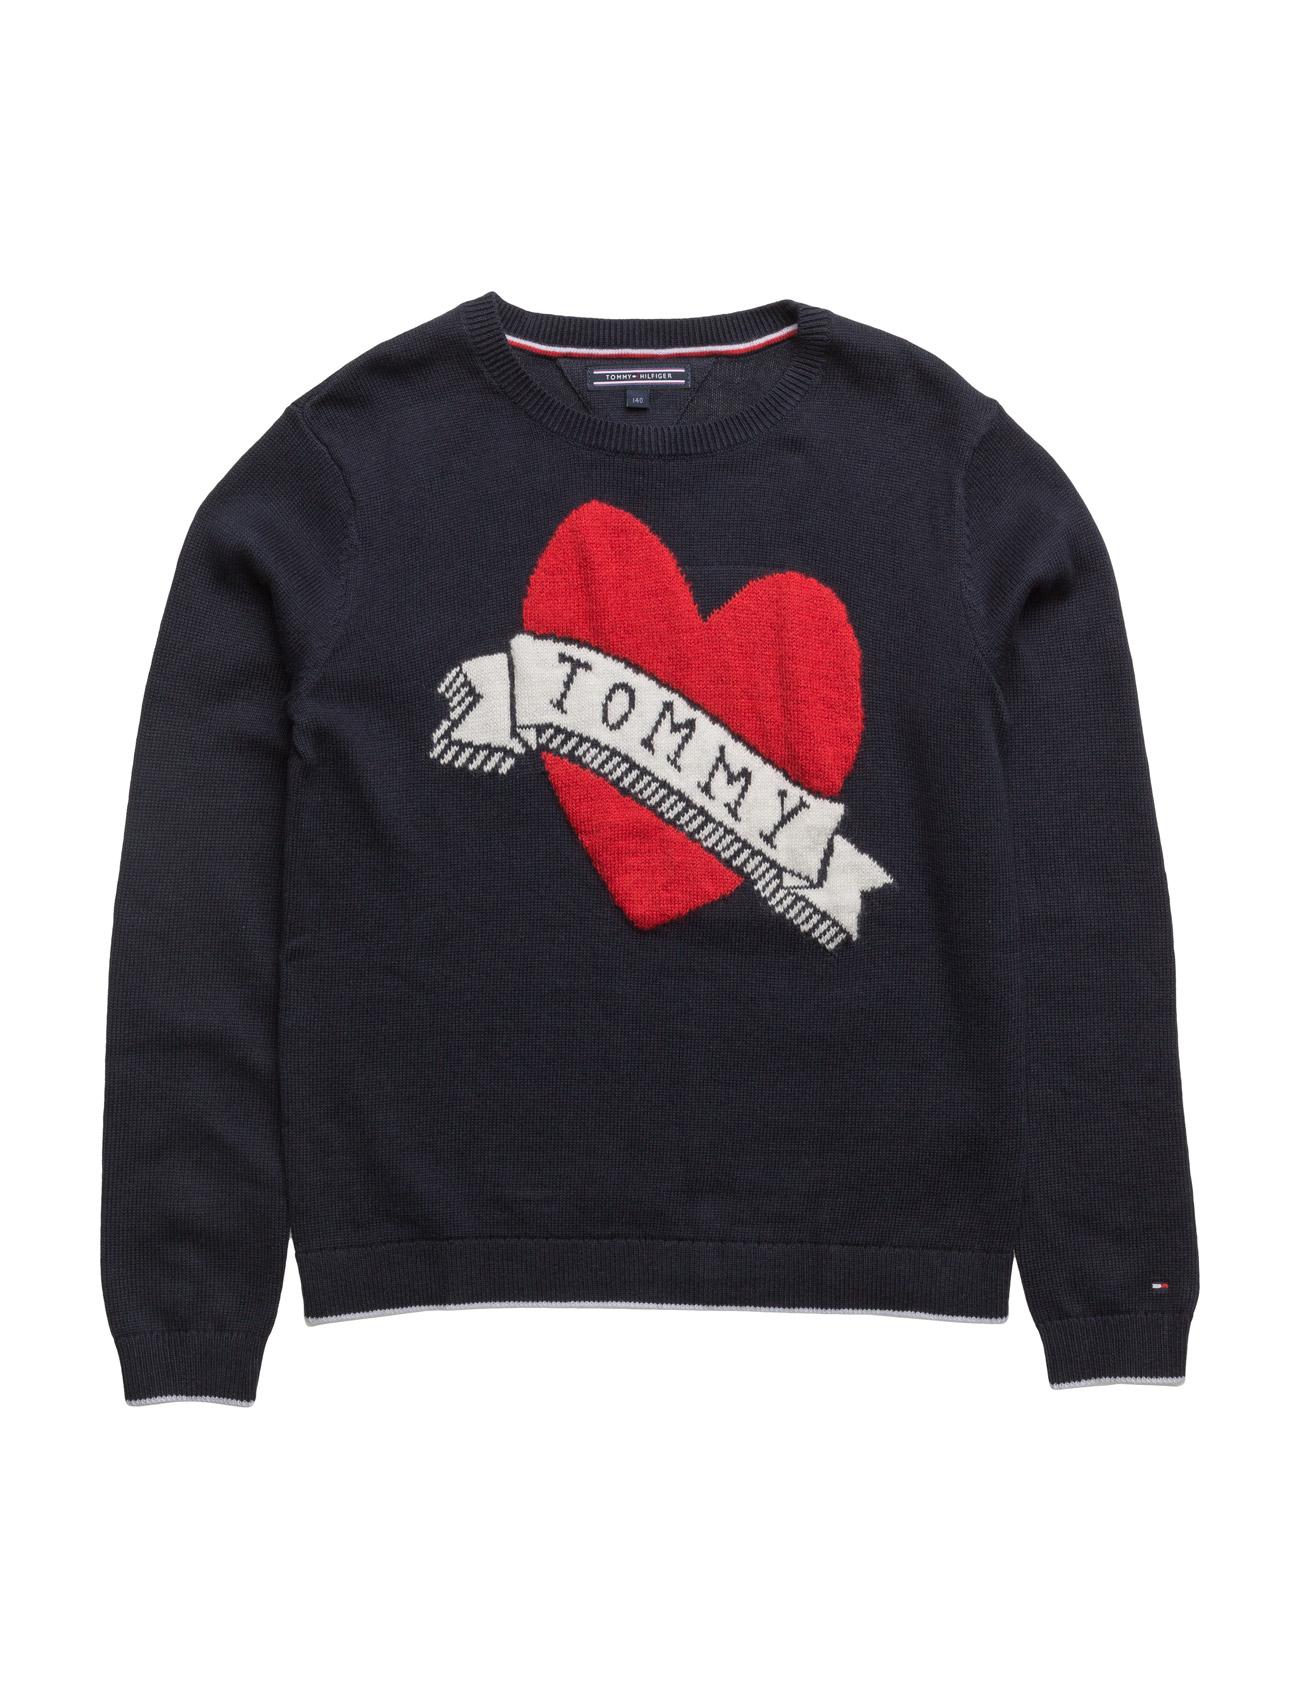 Ame Intarsia  Sweater Tommy Hilfiger  til Børn i Blå